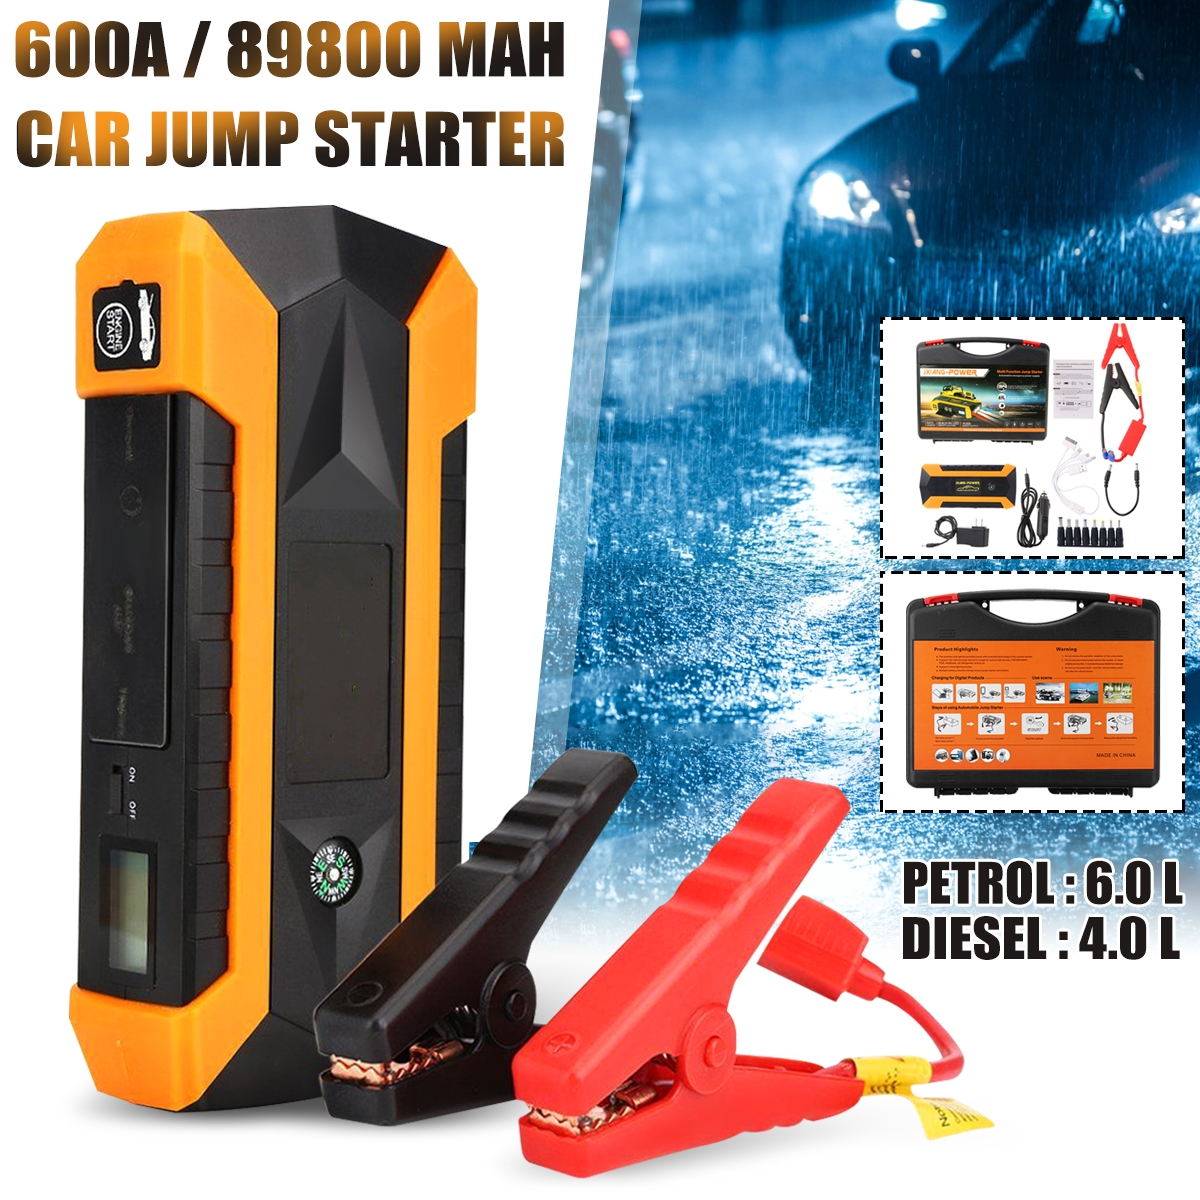 89800 mah Auto Starthilfe 12 v 4USB 600A Tragbare Auto Batterie Booster Ladegerät Booster Power Bank Ausgangs Gerät Auto starter